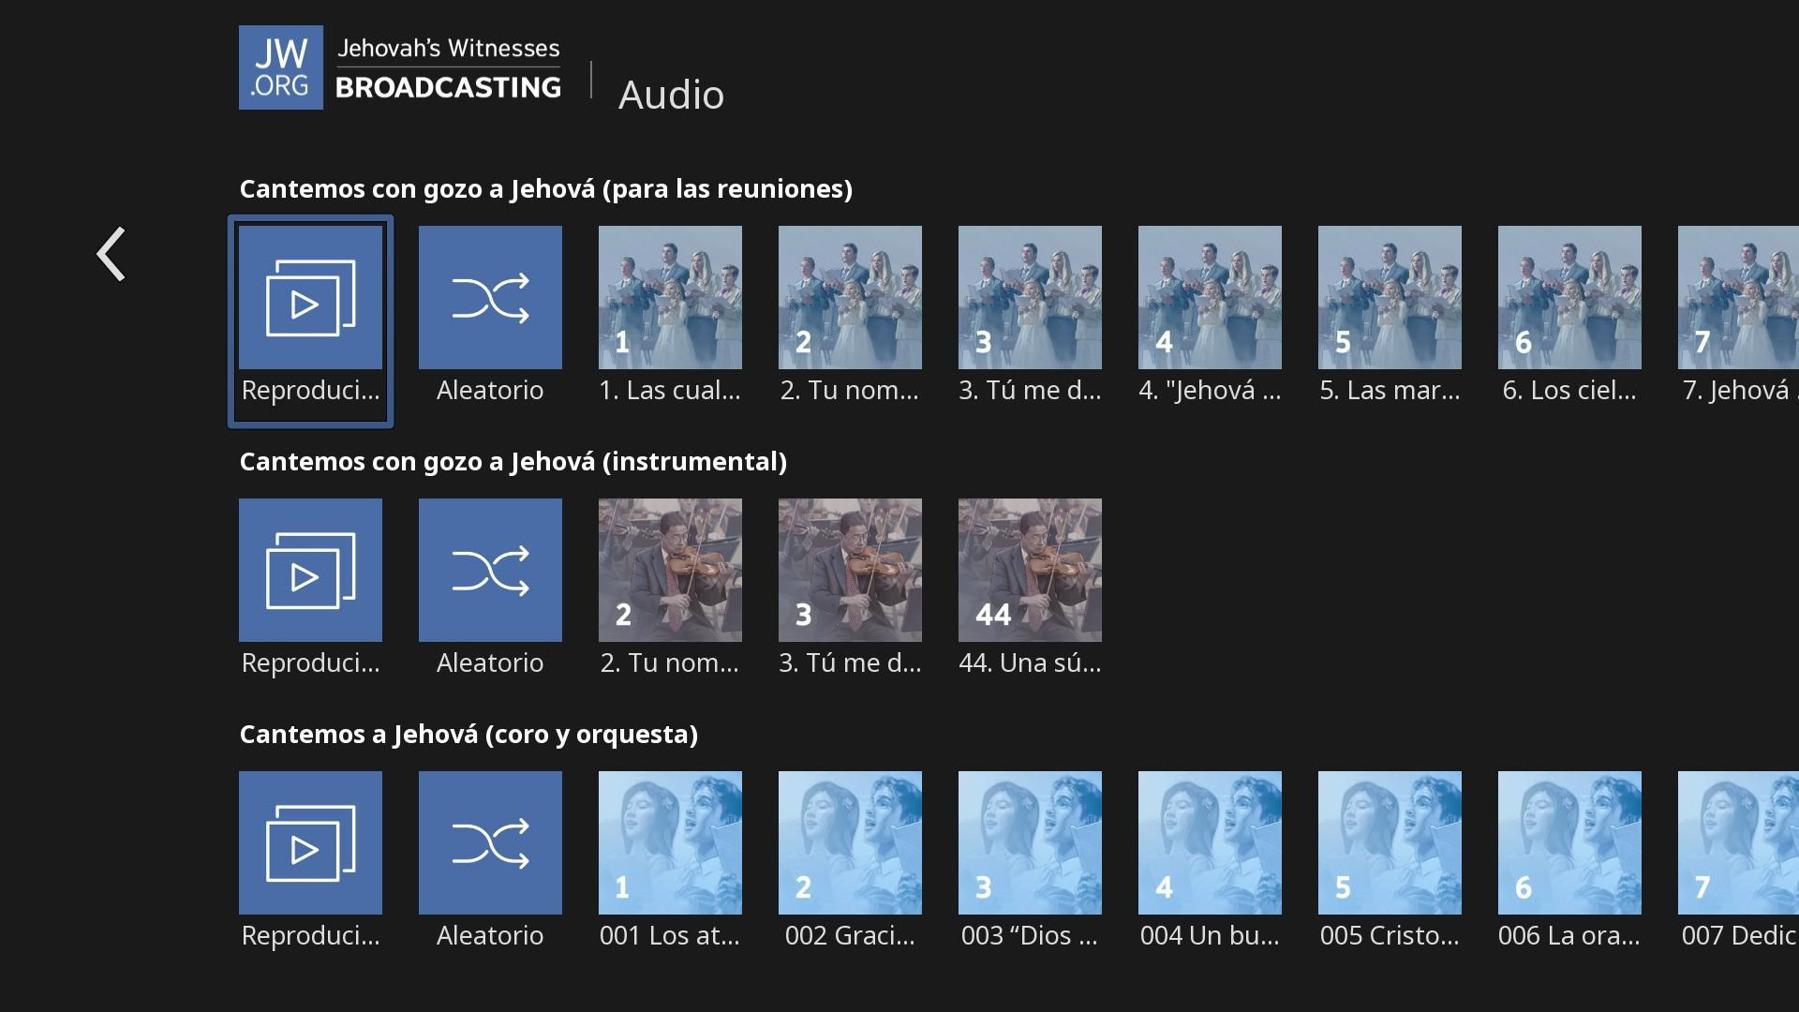 Cómo escuchar archivos de audio de JW Broadcasting en Roku   Ayuda ...